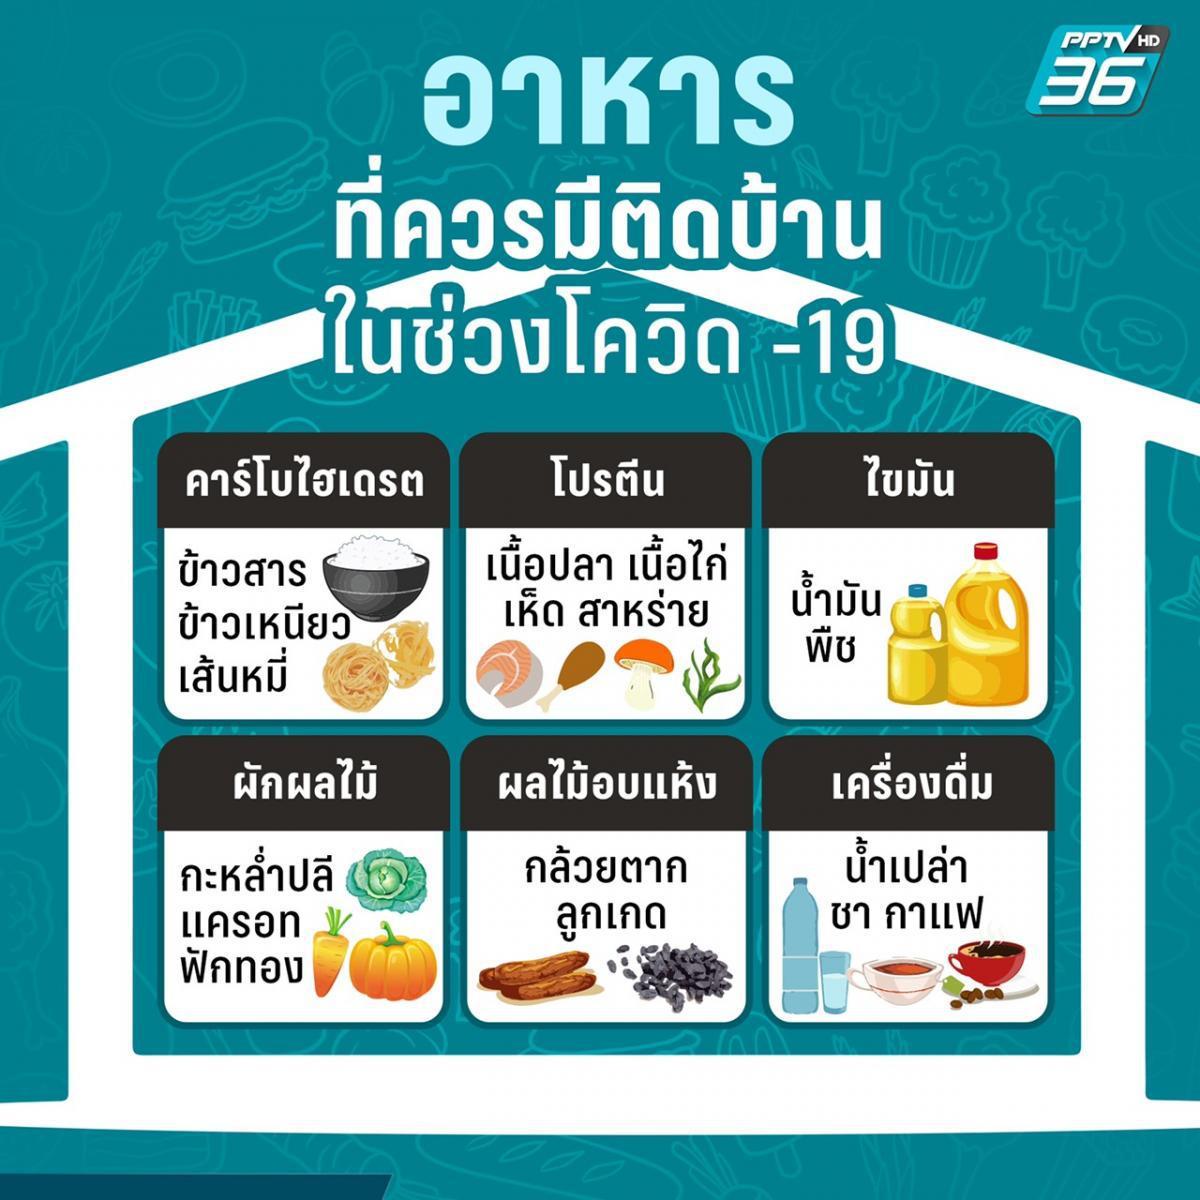 อาหารประเภทไหน ที่เราจำเป็นต้องมีติดบ้านในช่วงล็อกดาวน์ 14 วัน